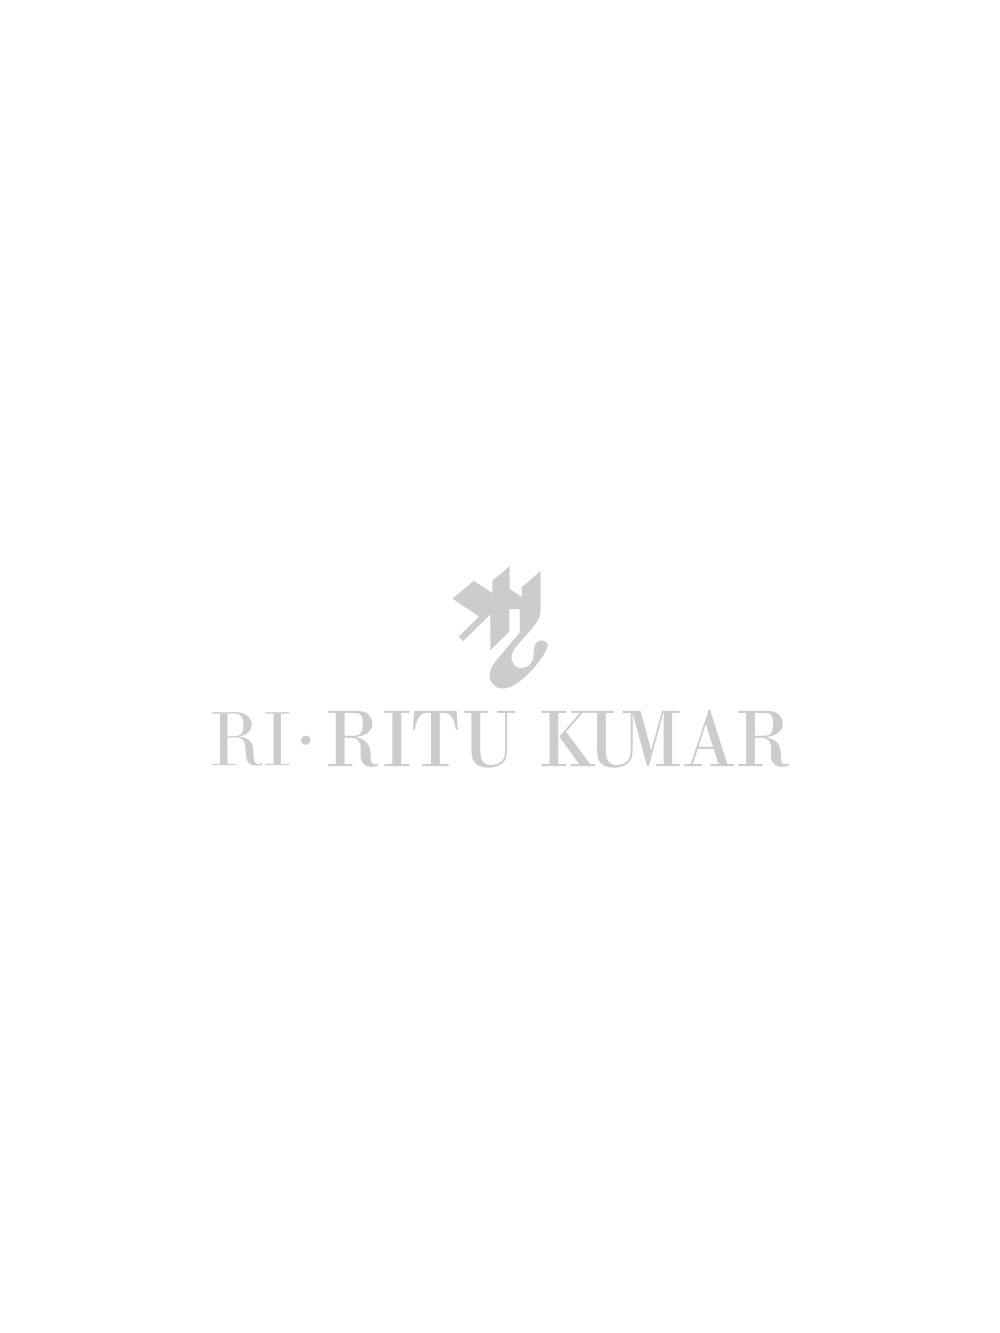 Flight of Flower Collection By Ritu Kumar